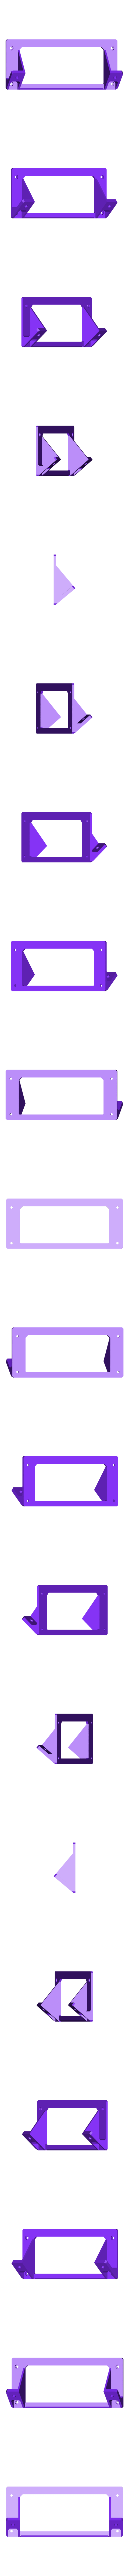 Anet_8_LCD_Back_Plate_50deg.stl Télécharger fichier STL gratuit Boîtier LCD AM8 Anet • Design à imprimer en 3D, Slava_Z